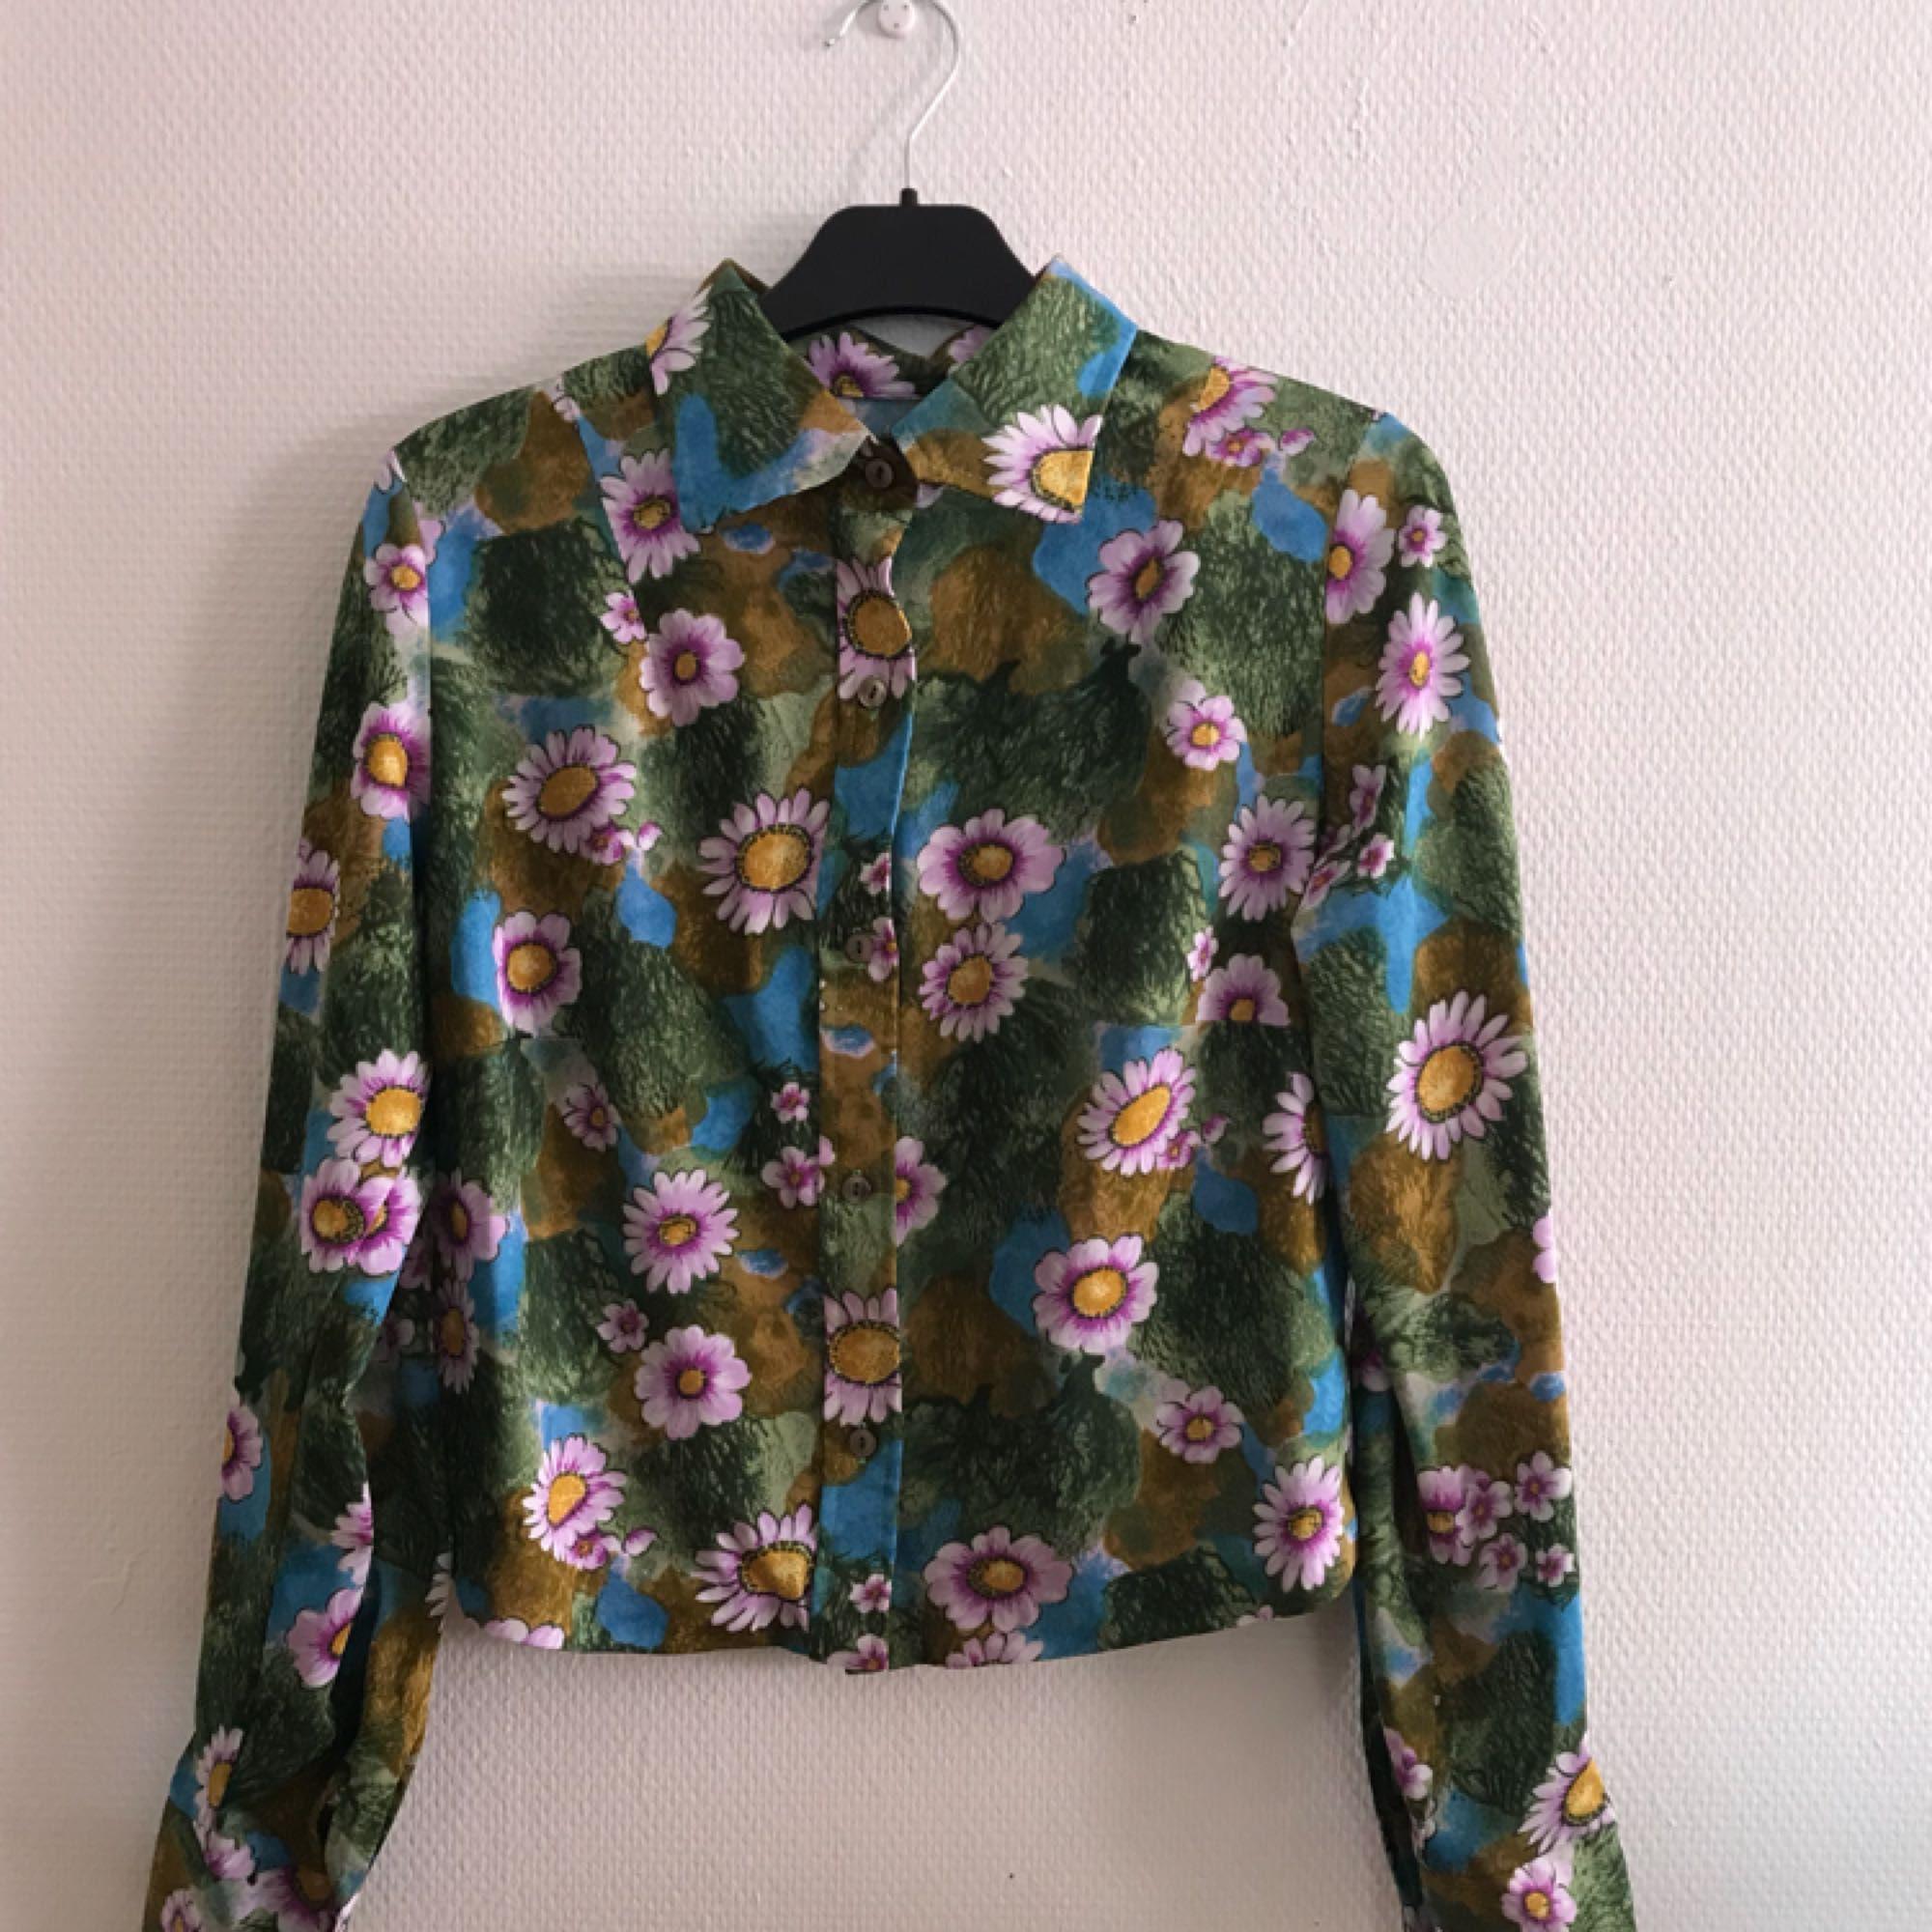 Jättegullig skjorta med blommor & blad, fint skick! Frakt tillkommer på 36kr 🌷. Skjortor.